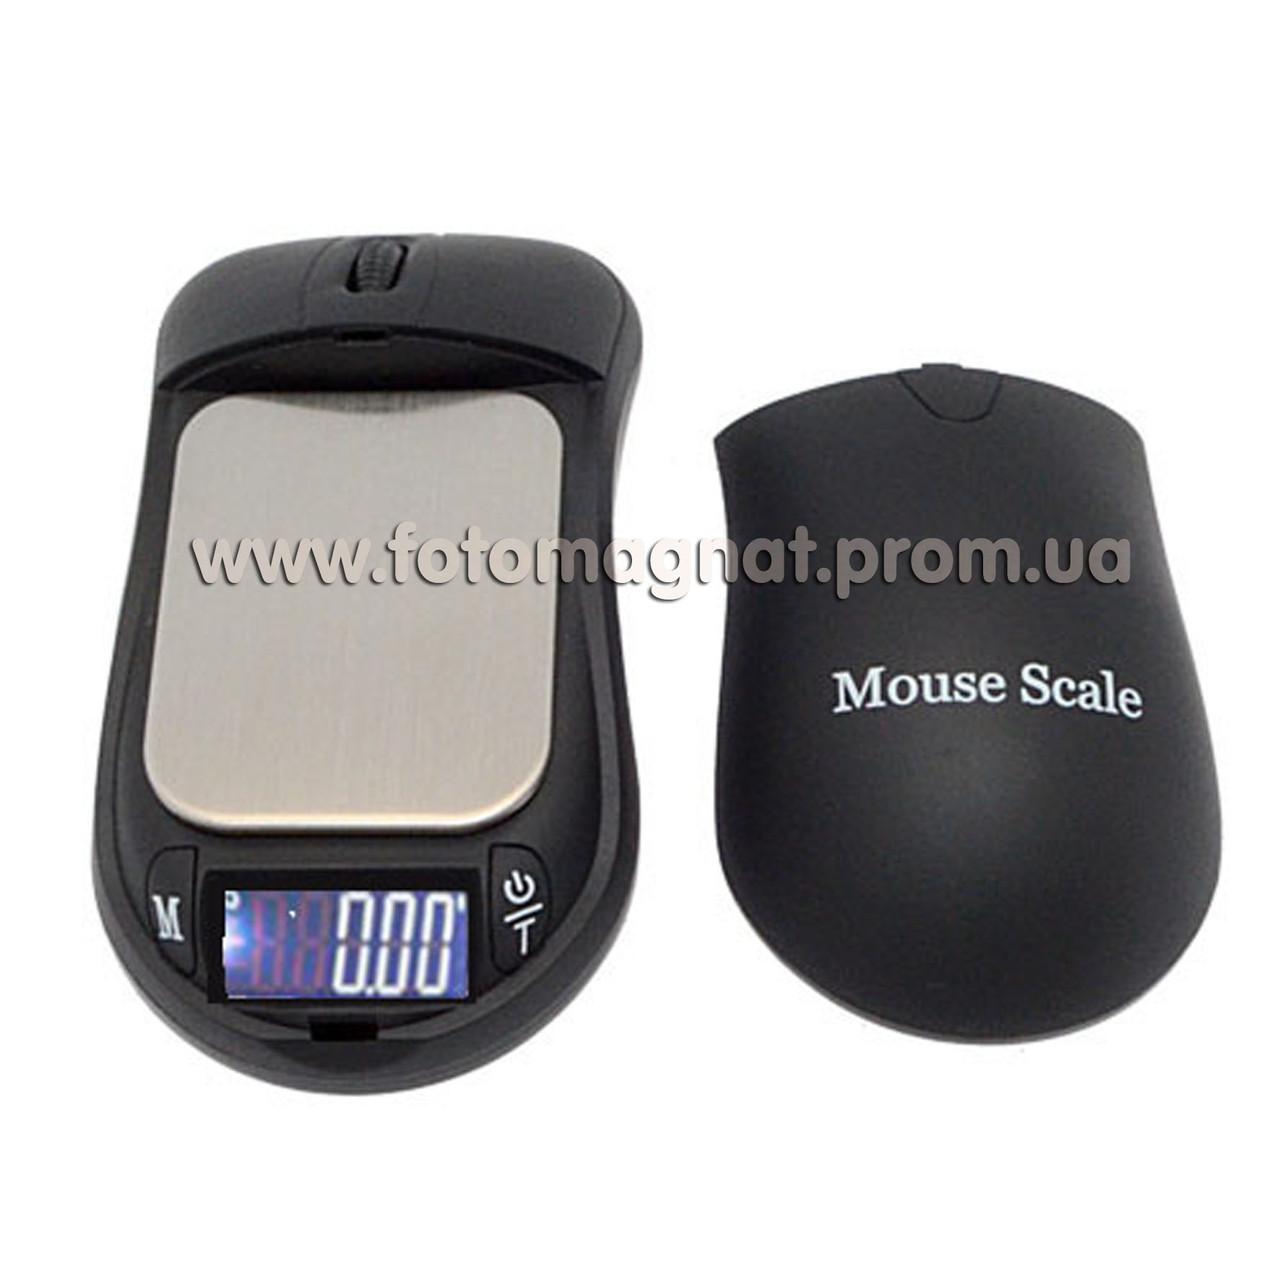 Весы ювелирные  Mouse 6246 PA  100г 0, 01 (карманные весы)